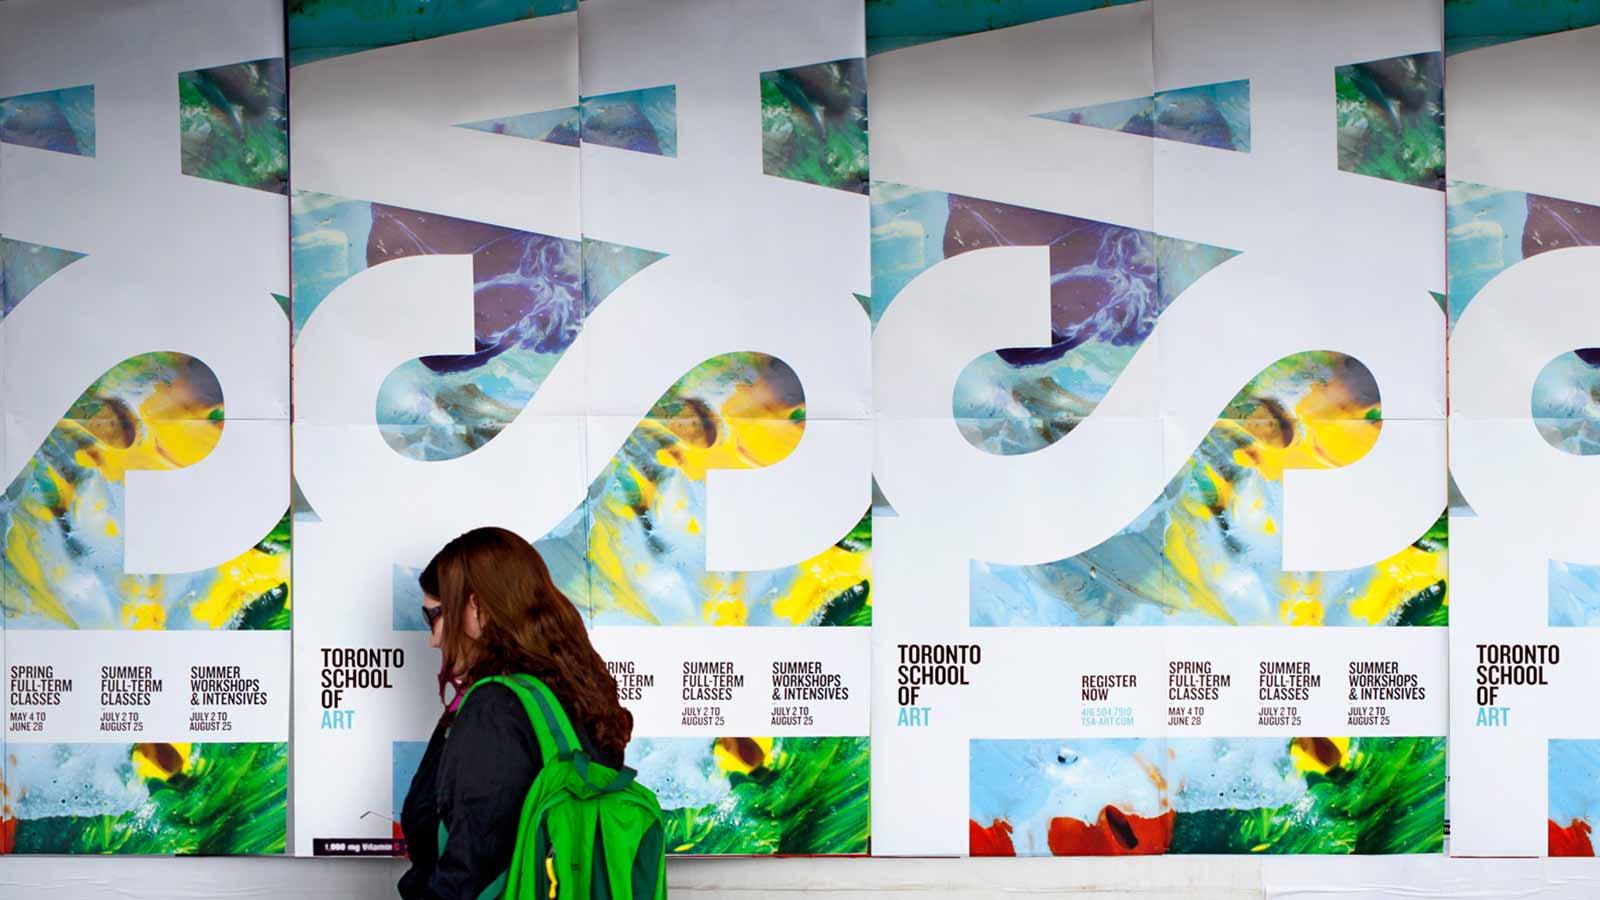 Toronto School of Art | Refonte de l'image de marque | Design, Design de site web, Développement de site web, Image de marque, Matérial collatéral, Mobilité adaptée, Stratégie de marque